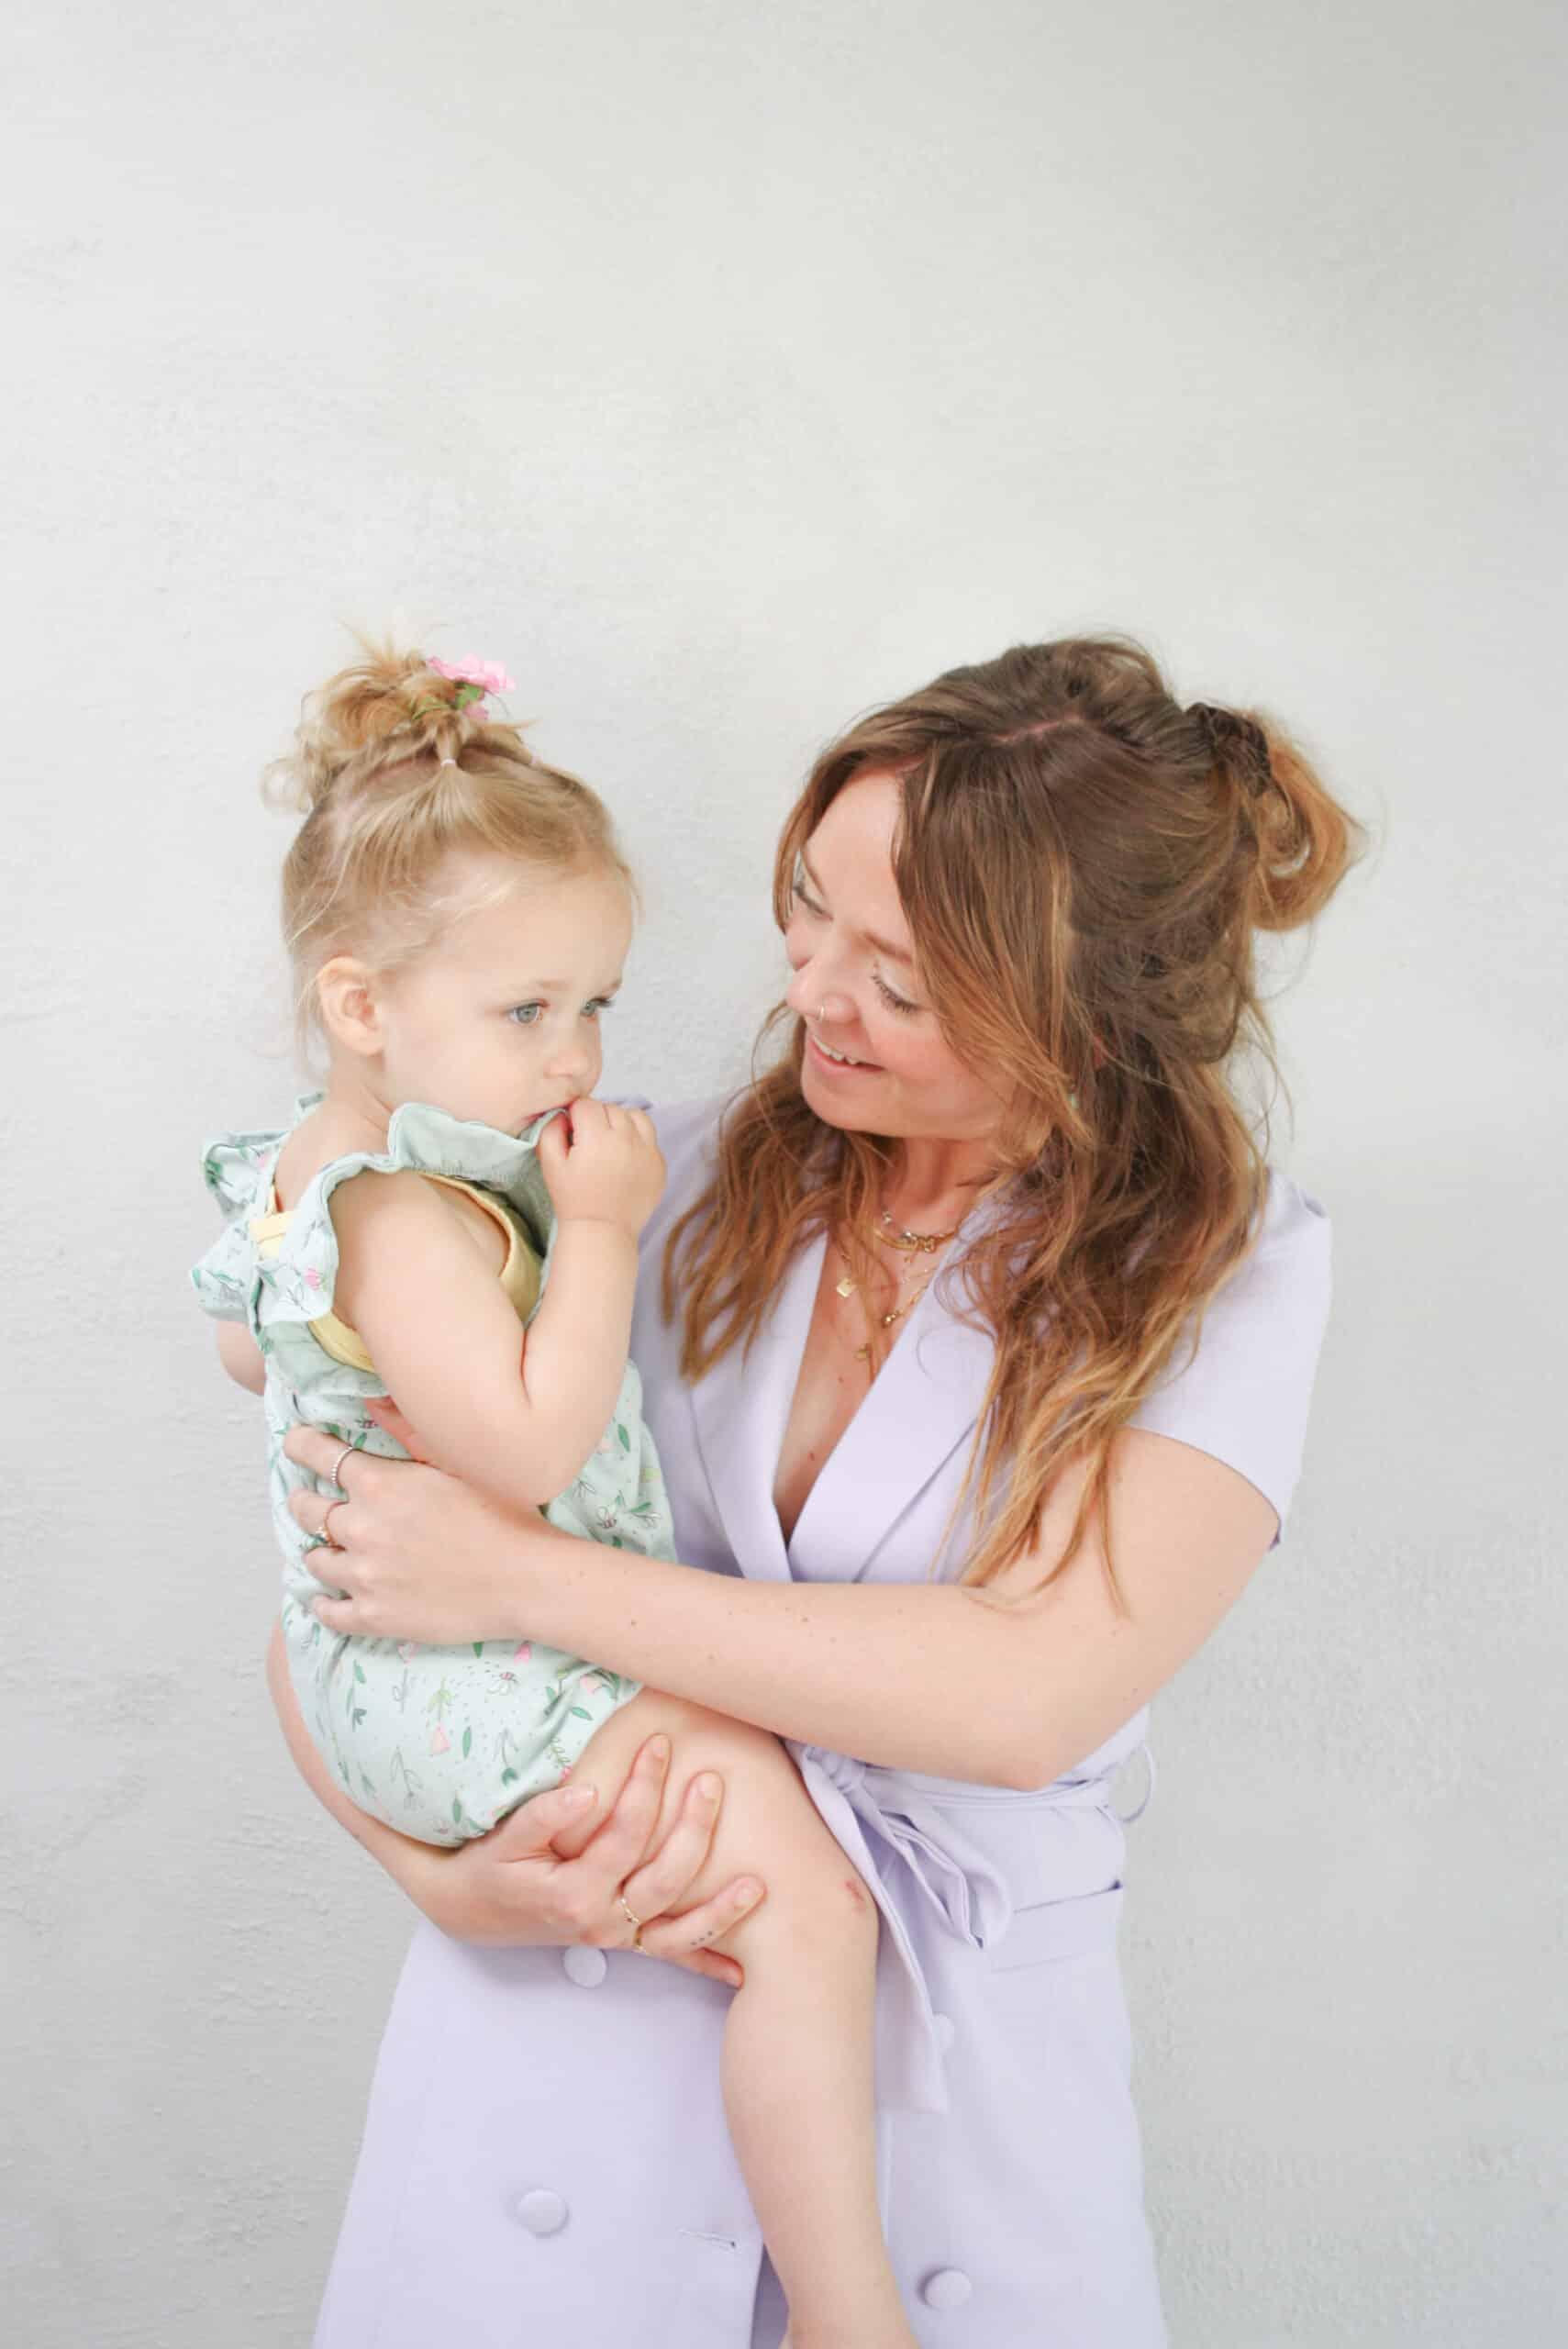 au pair manou met kindje op haar arm